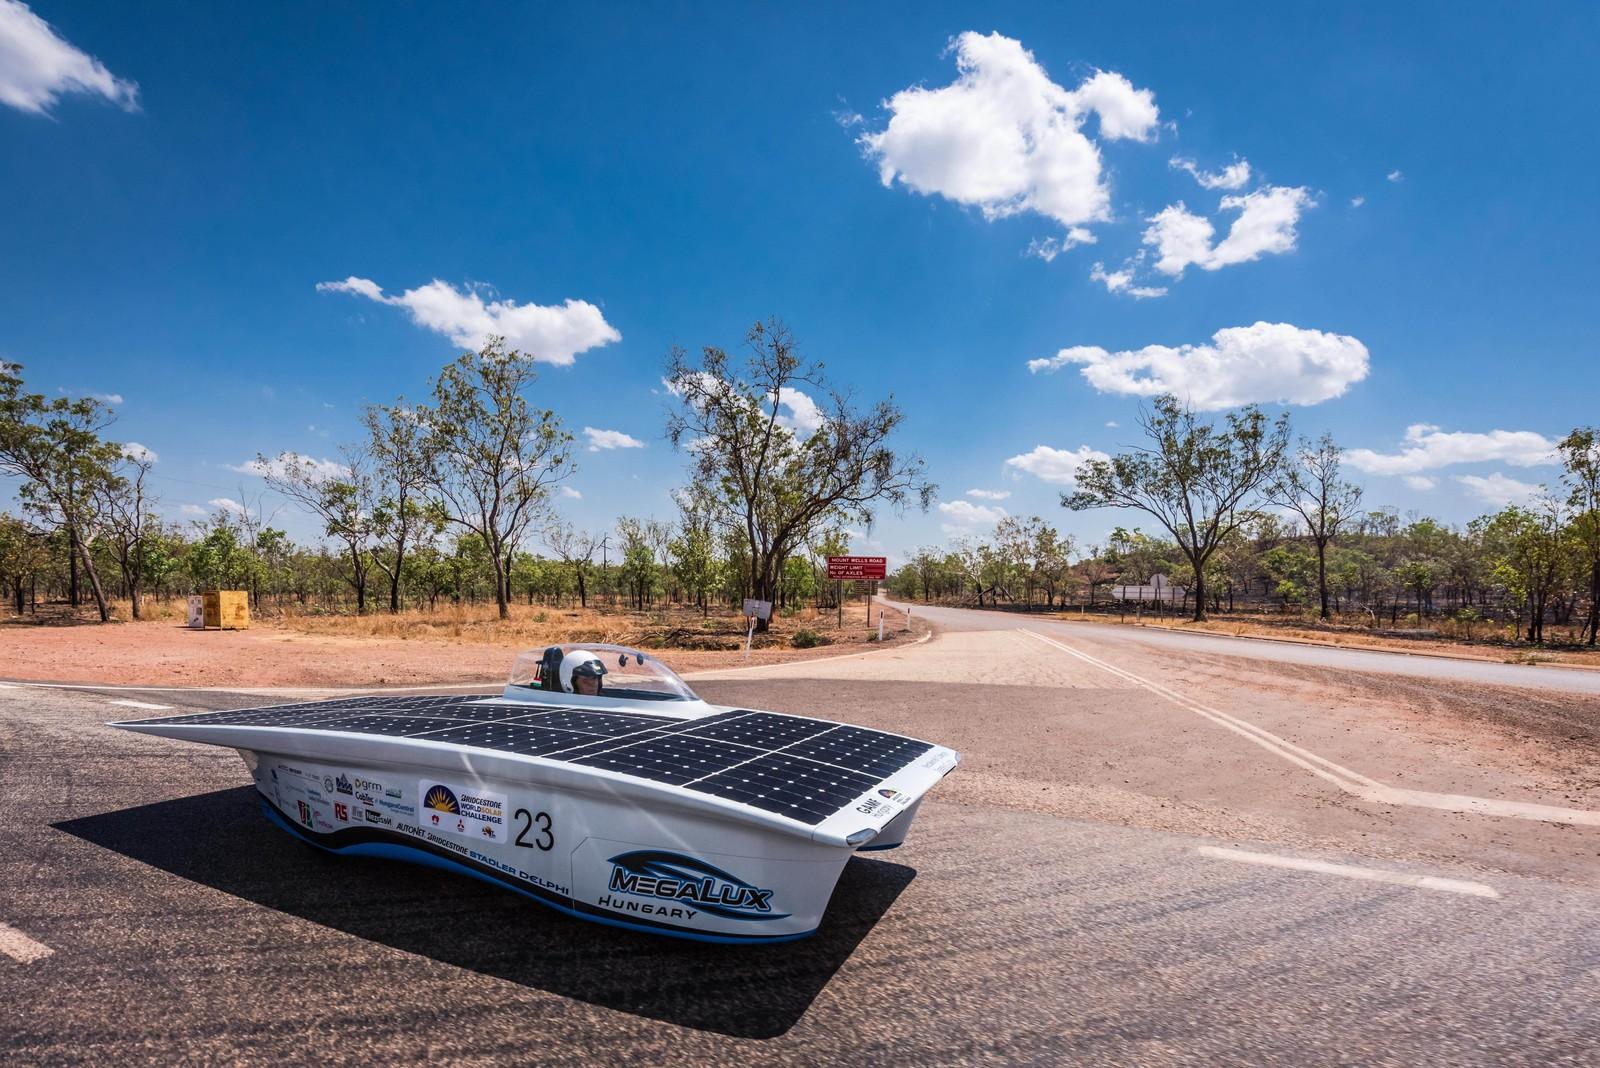 Her er Ungarns bidrag i World Solar Challenge nær Katherine i Australia. 45 solcelledrevne biler deltar i det 3000 km lange løpet fra Darwin til Adelaide mellom 18. og 25. oktober.